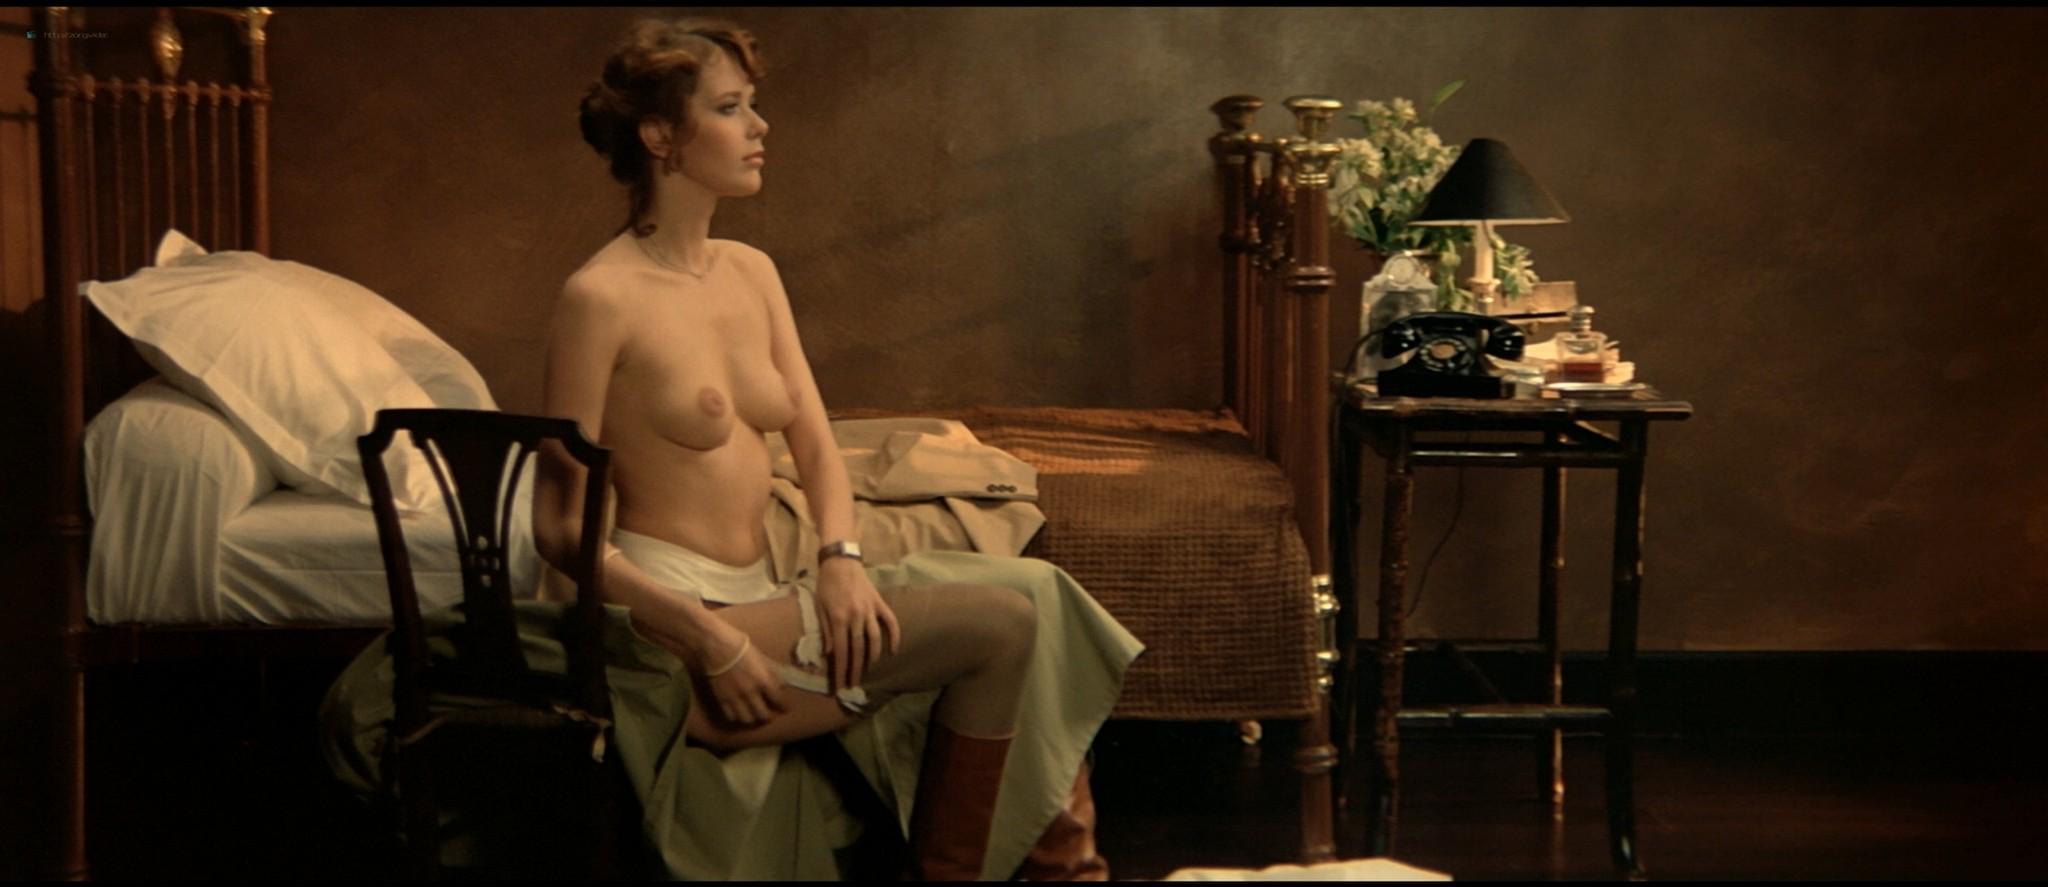 Sylvia Kristel nude sex threesome Catherine Rivet, Laura Gemser nude - Emmanuelle 2 (1975) HD 1080p REMUX (36)